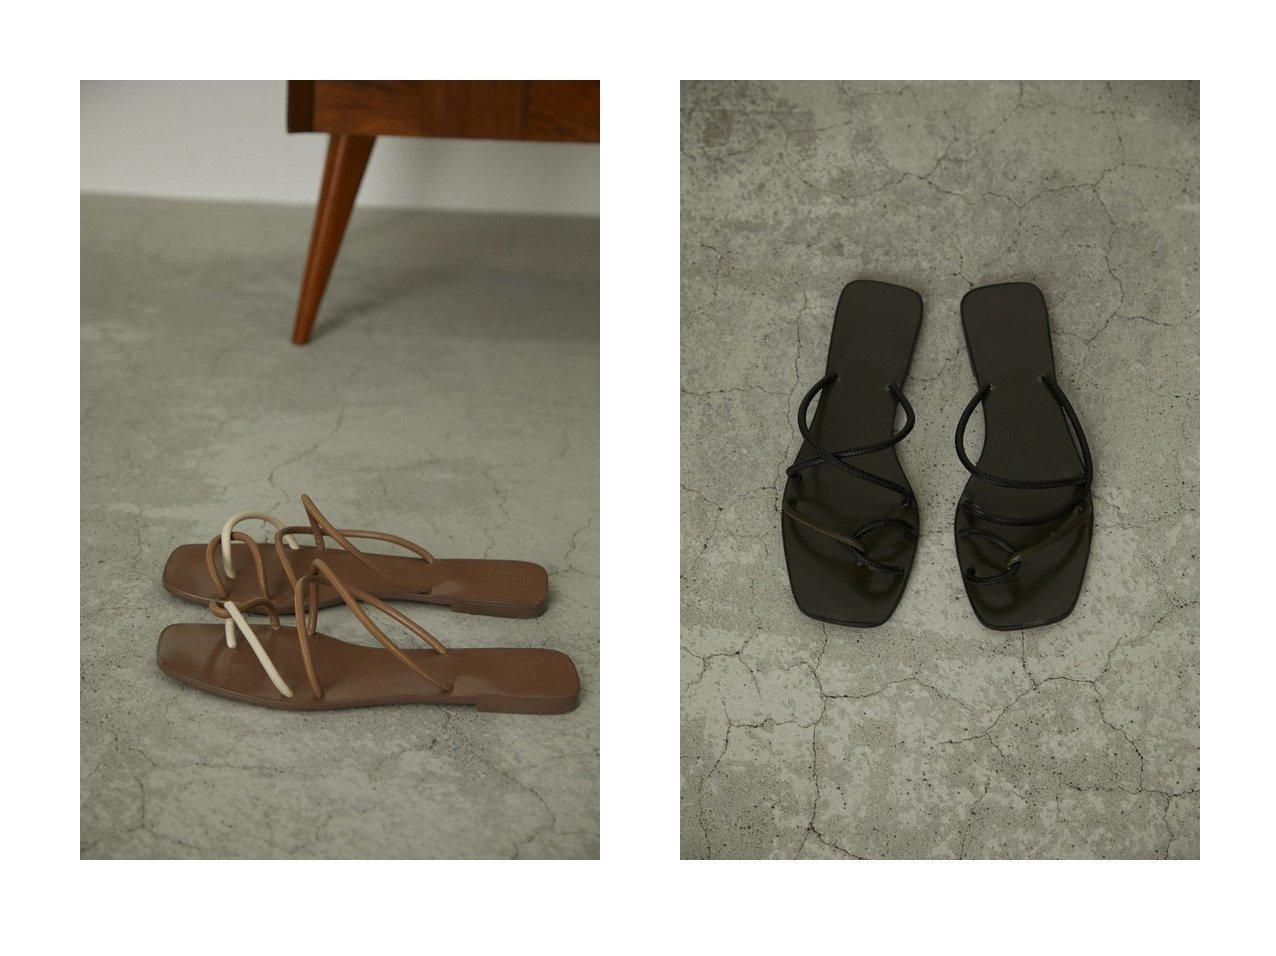 【RIM.ARK/リムアーク】のサンダル 【シューズ・靴】おすすめ!人気、トレンド・レディースファッションの通販 おすすめで人気の流行・トレンド、ファッションの通販商品 インテリア・家具・メンズファッション・キッズファッション・レディースファッション・服の通販 founy(ファニー) https://founy.com/ ファッション Fashion レディースファッション WOMEN サンダル ラップ リゾート  ID:crp329100000045146